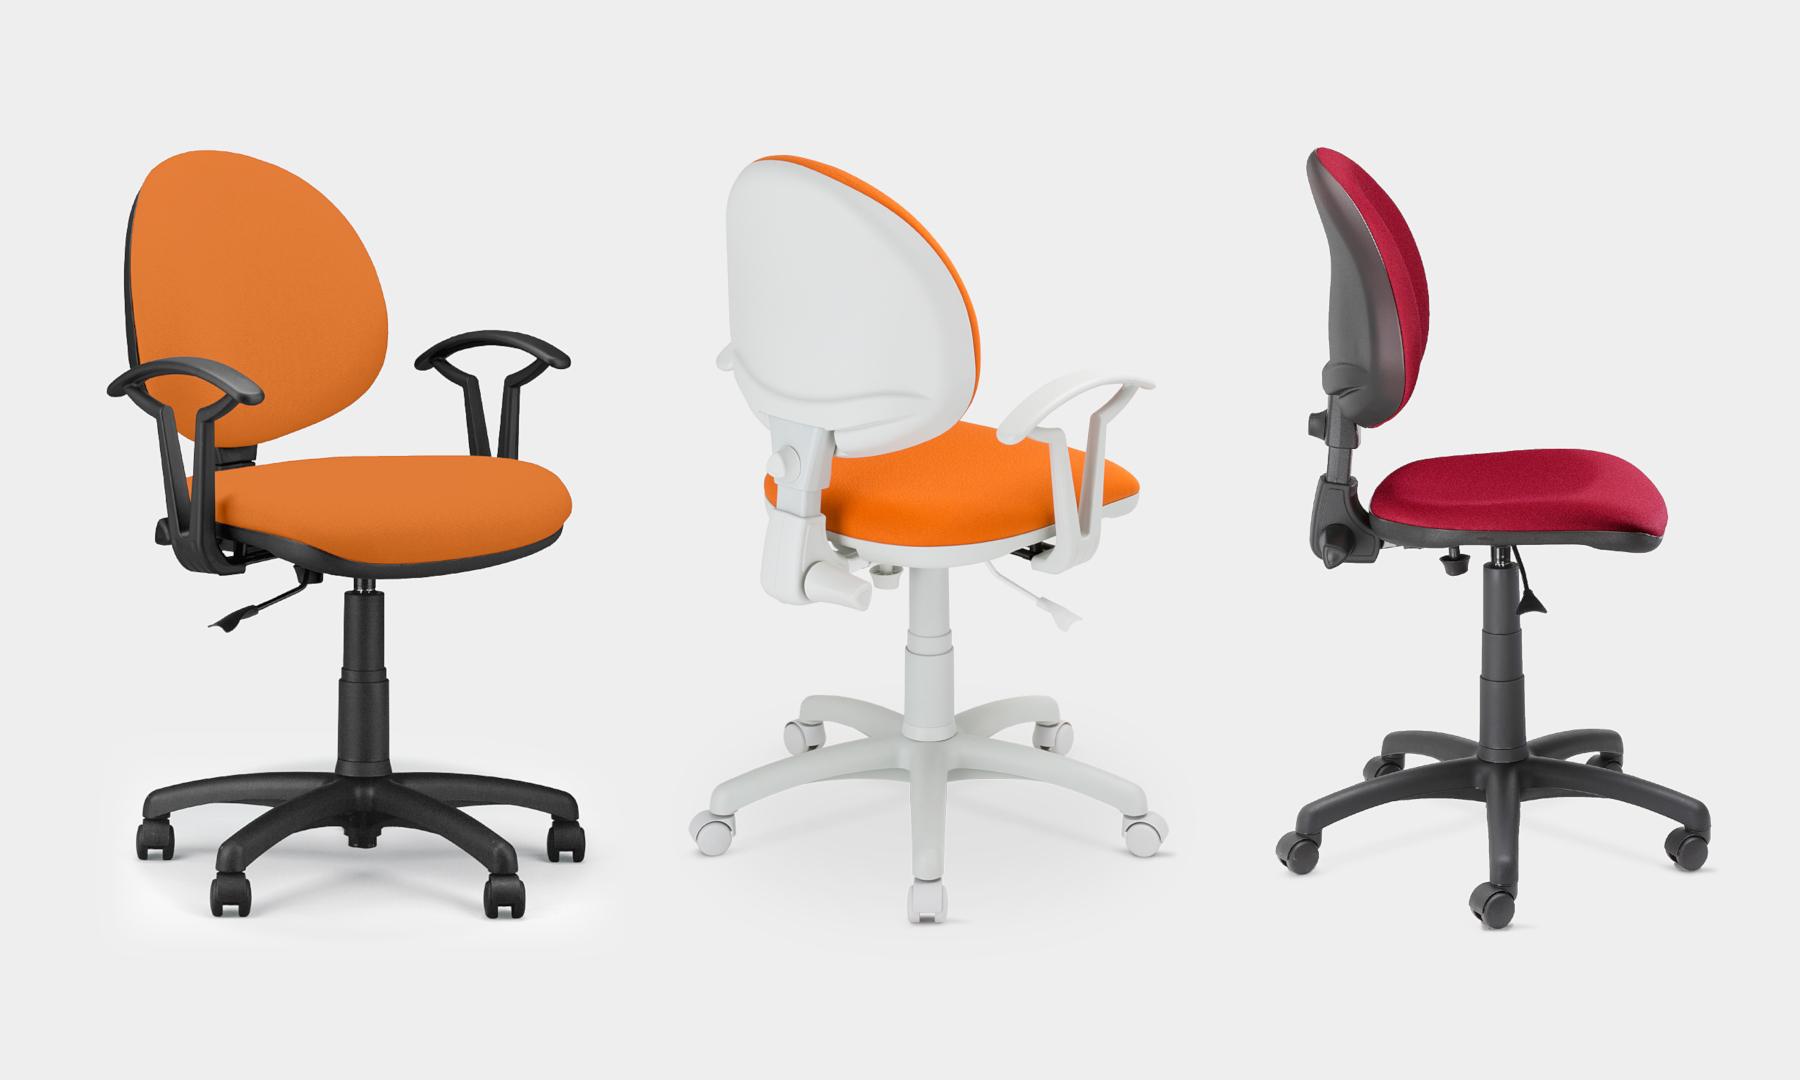 Krzesła dziecięce > Smart > Smart white RTS